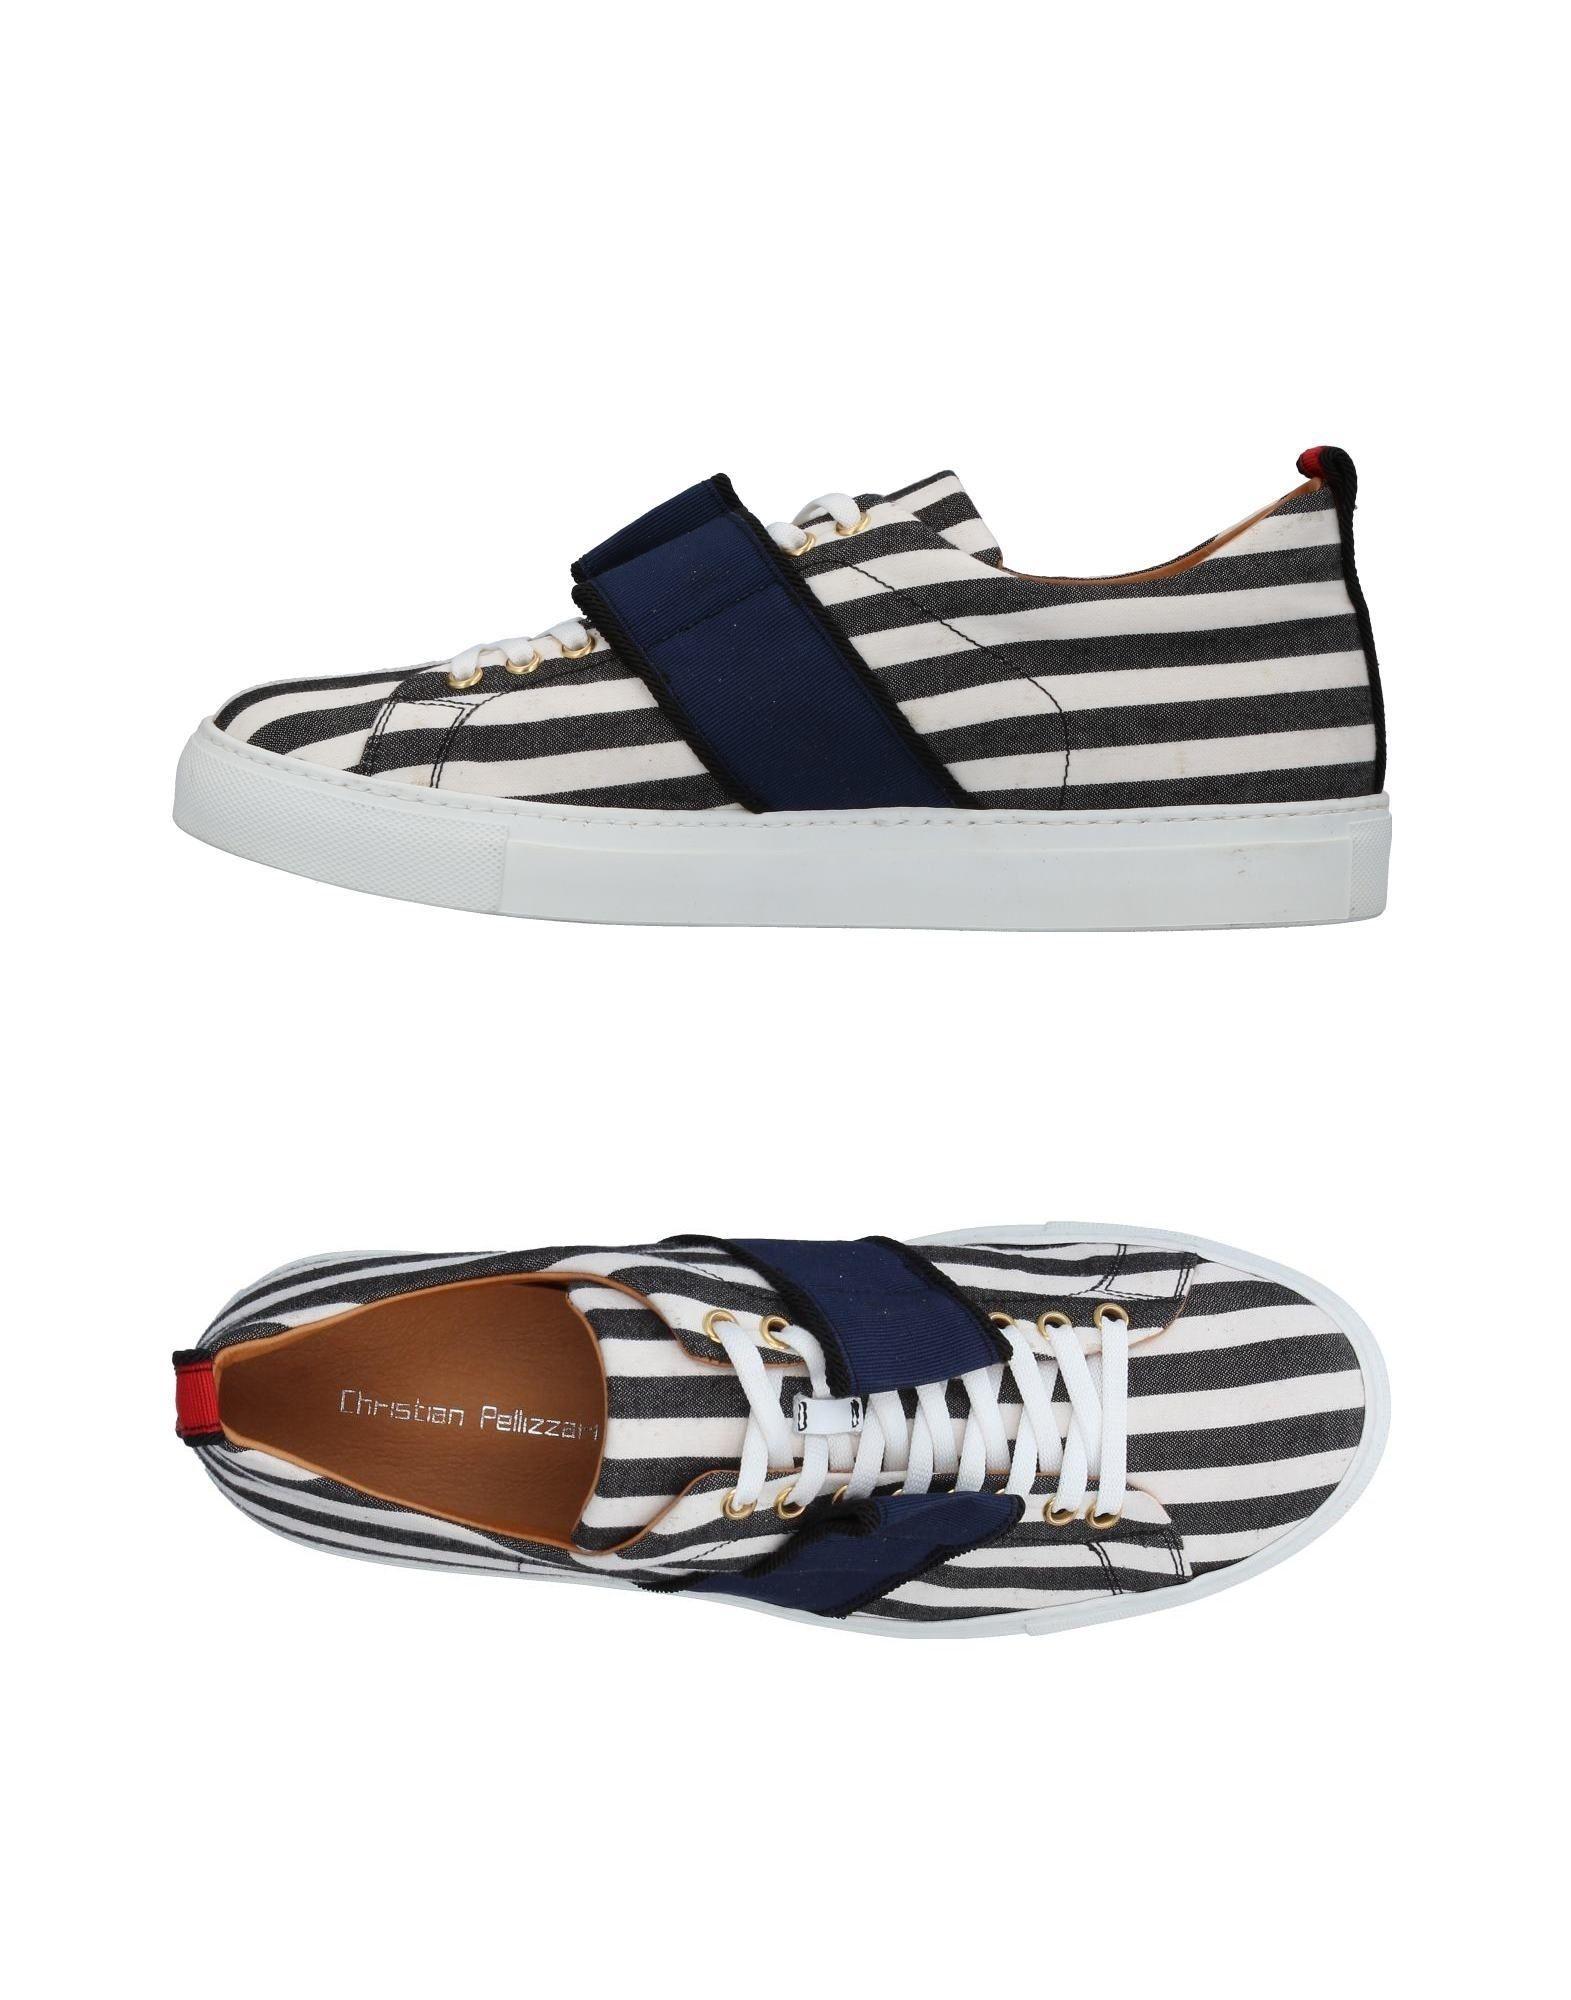 Sneakers Christian Pellizzari Donna - Acquista online su